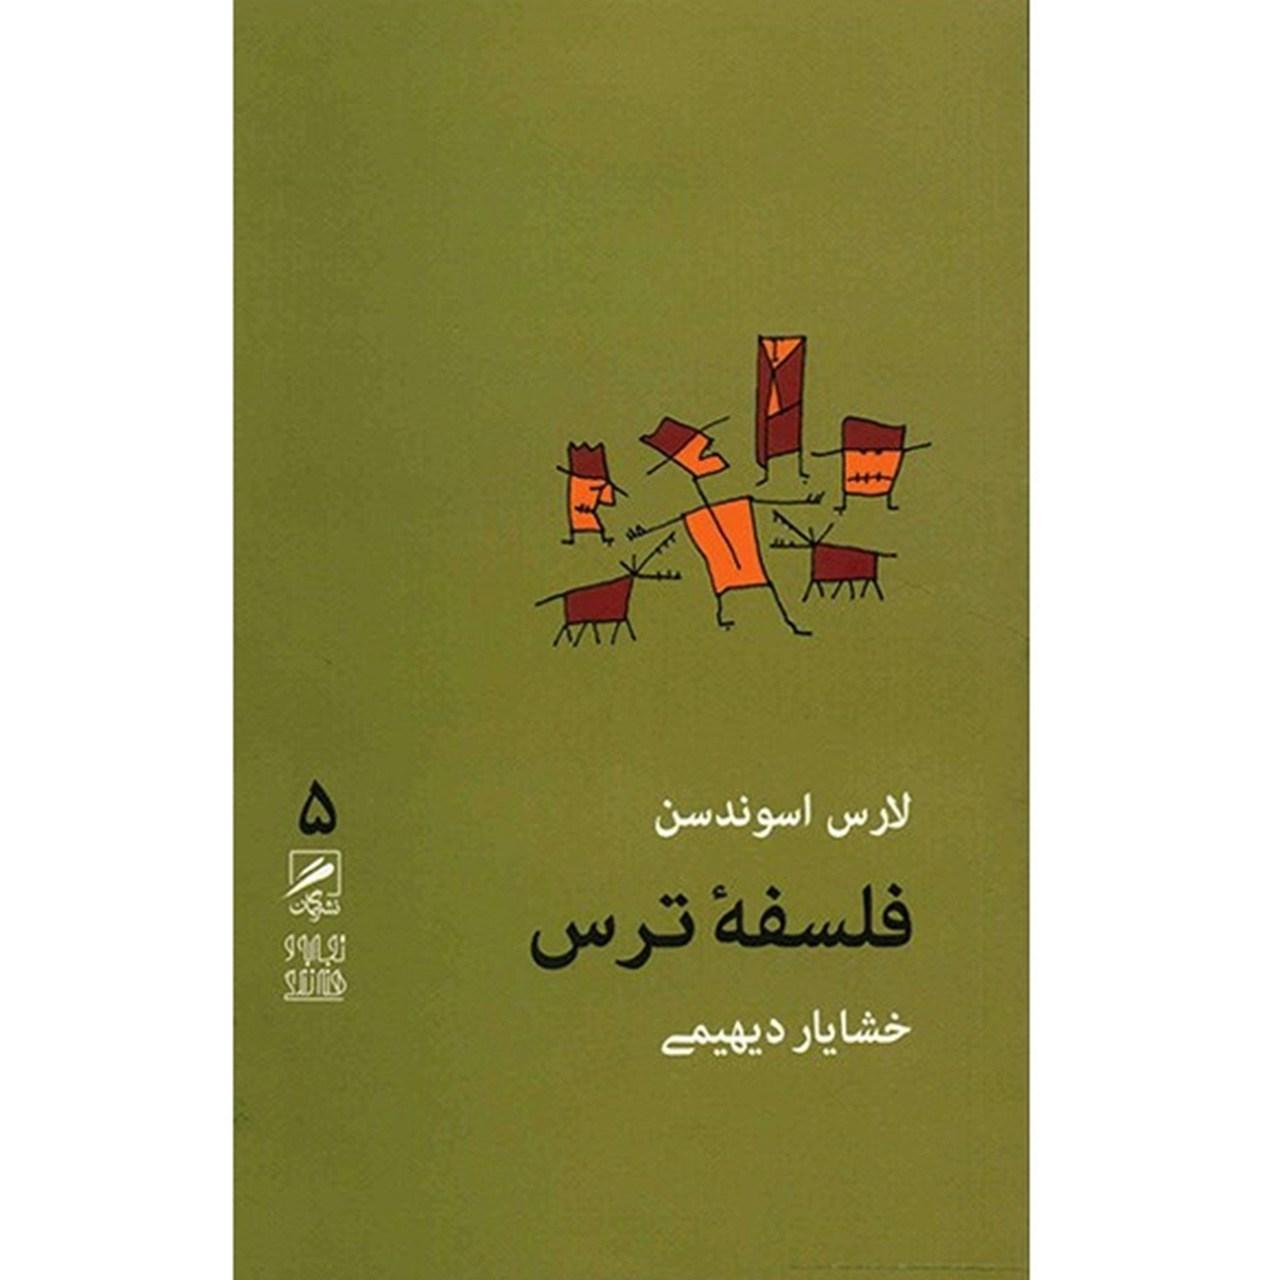 خرید                      کتاب فلسفه ترس اثر لارس اسوندسن